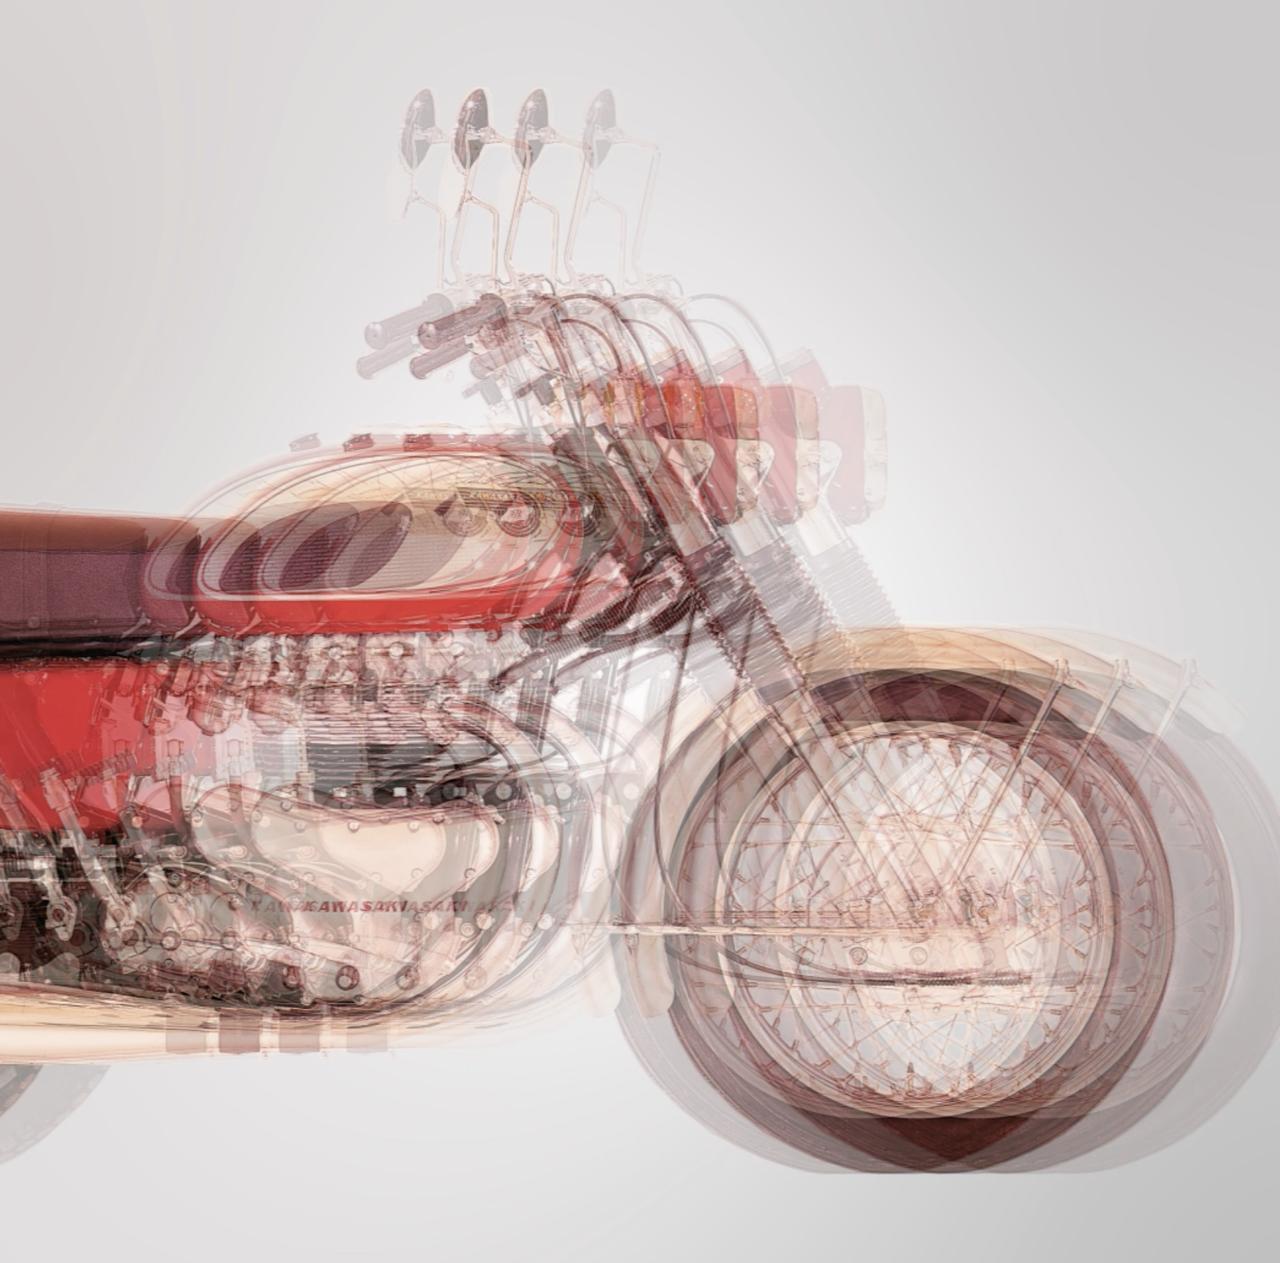 画像1: メグロK2型500ccがベースですよ。これなーんだ?